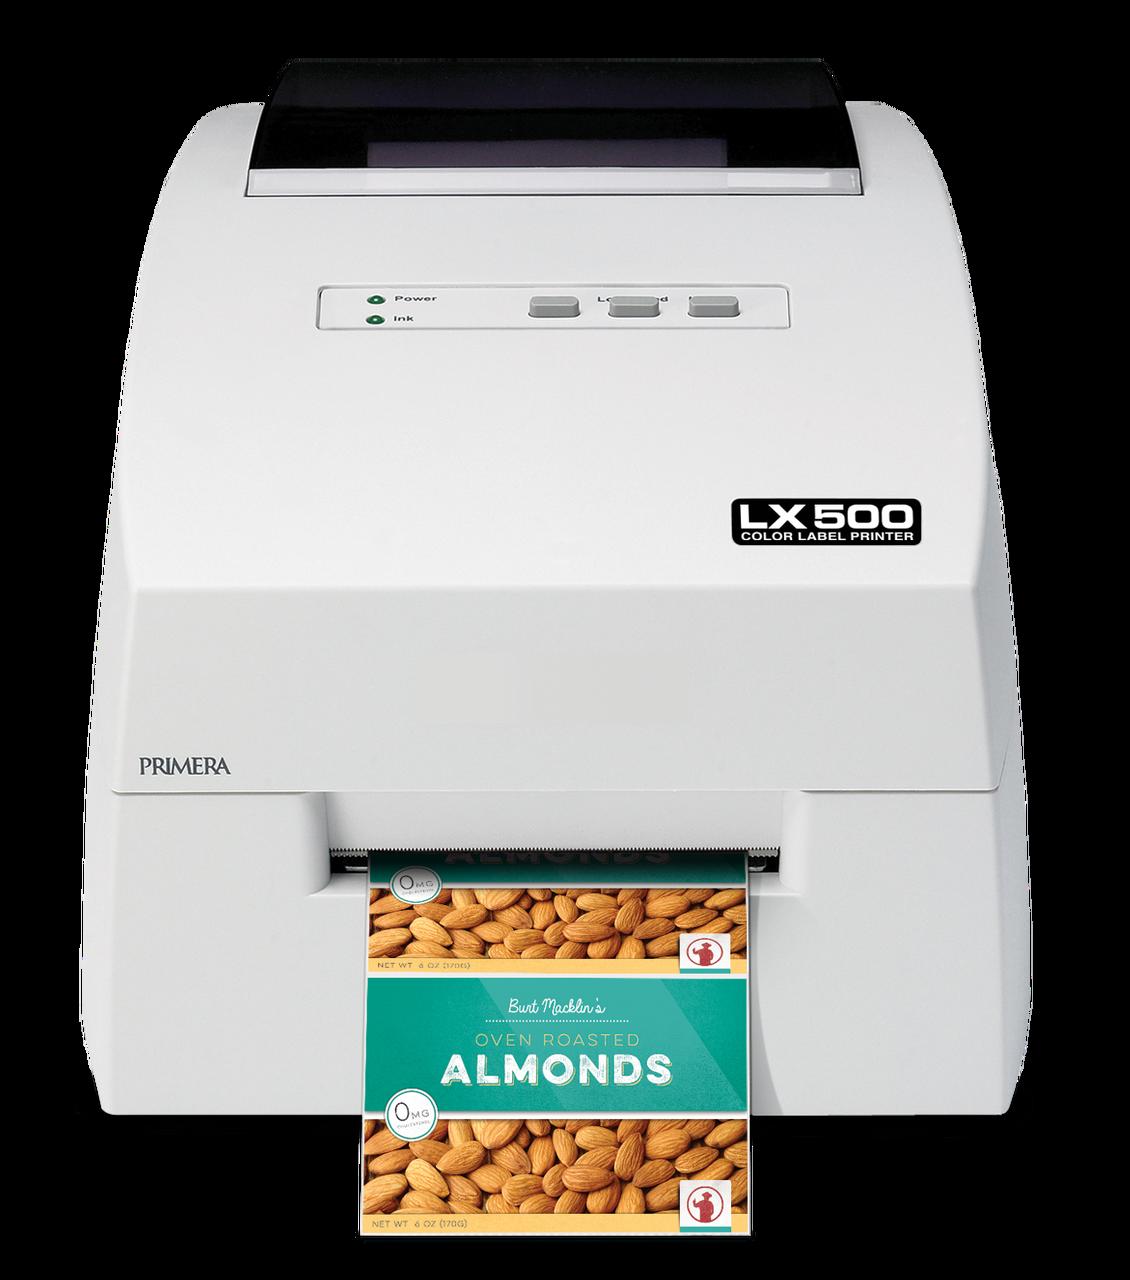 Primera LX500 Color Label Printer -74273